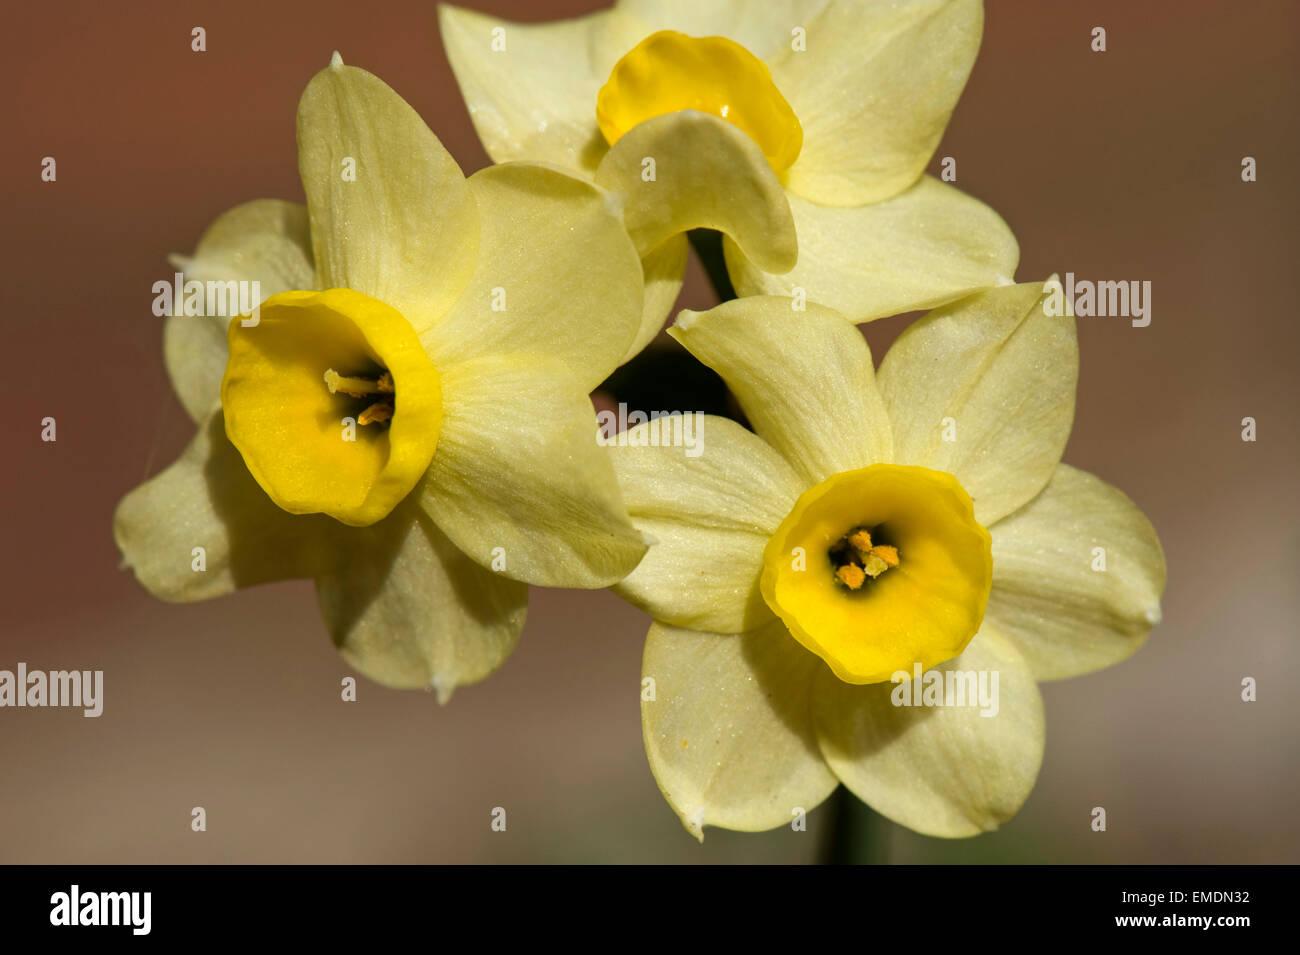 Fiori gialli di Narciso 'Minnow' una molla fioritura la lampadina Immagini Stock